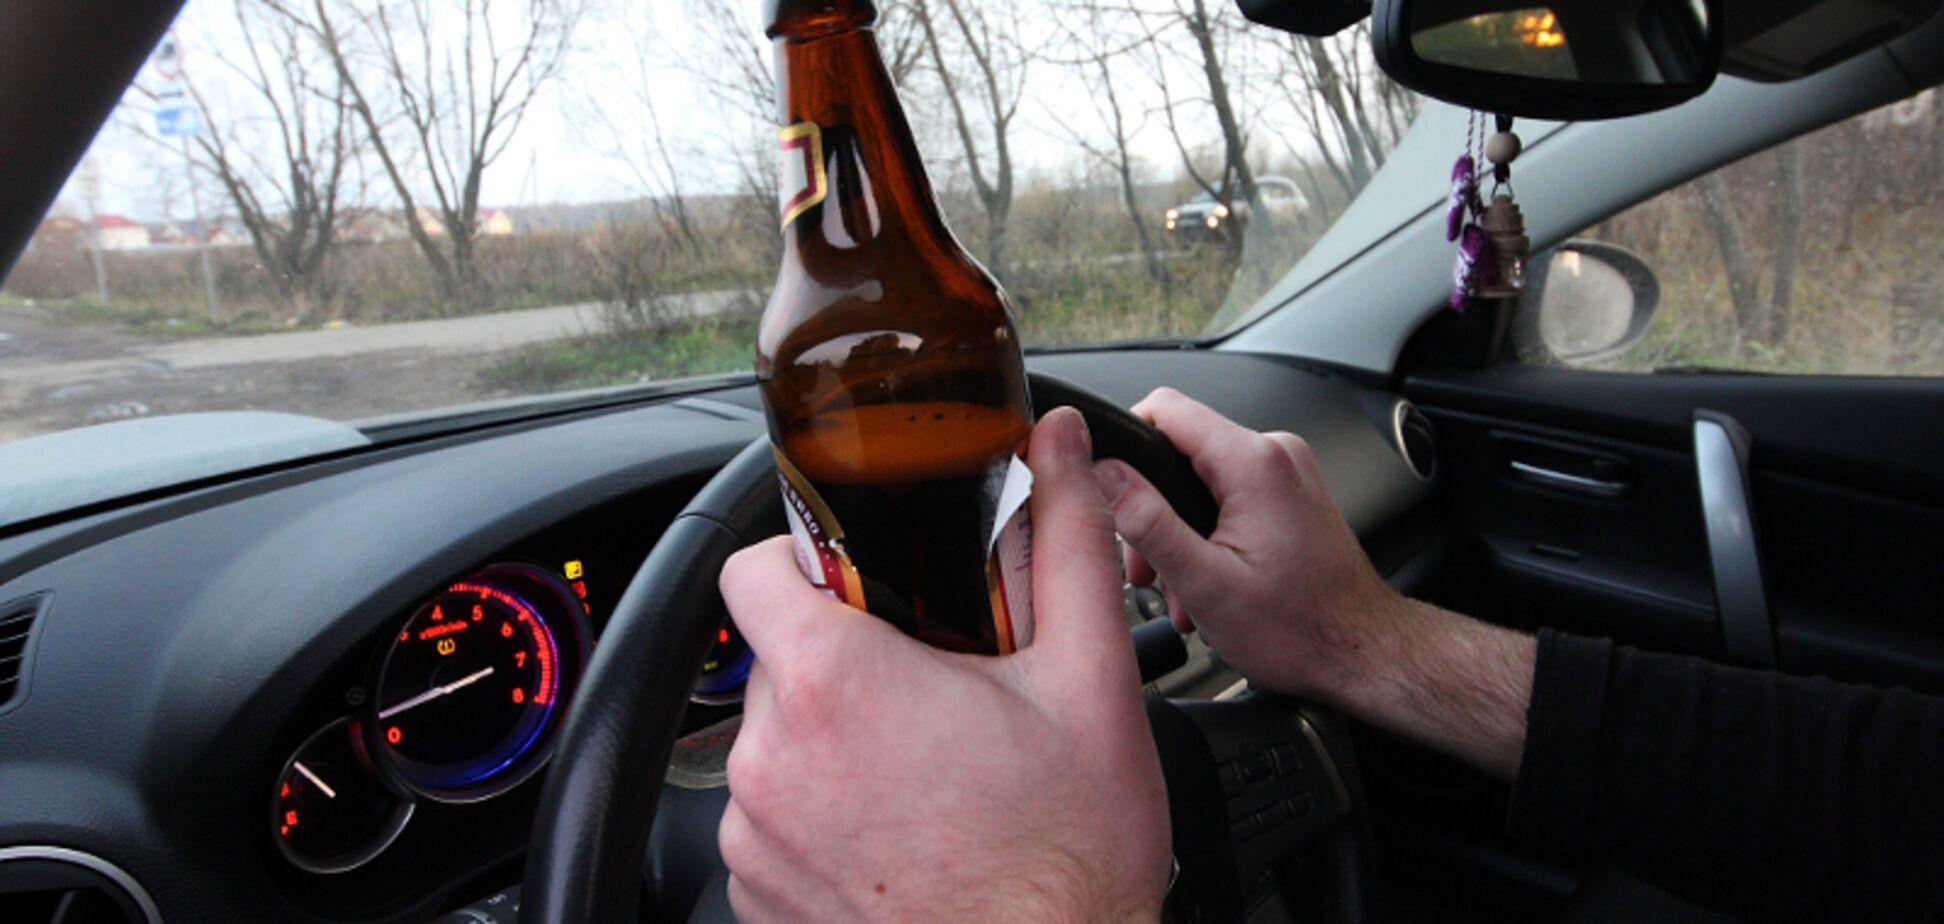 Суд поставил точку в деле нардепа, пойманного пьяным за рулем